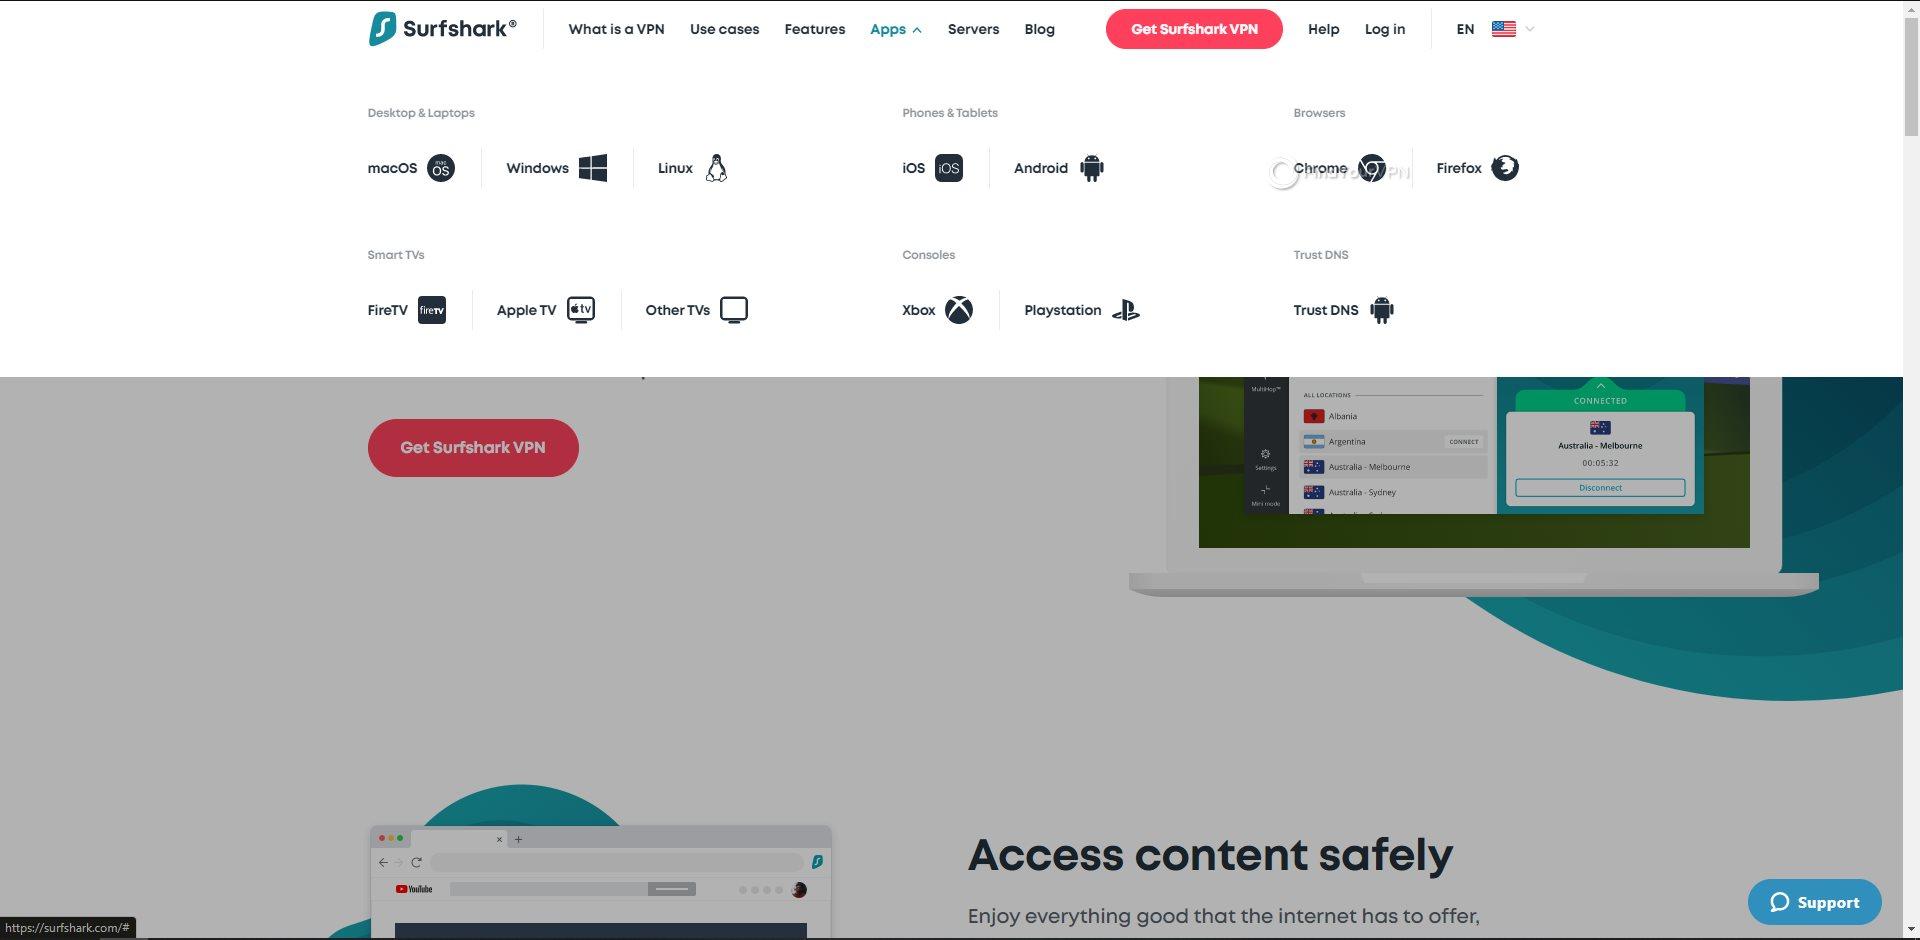 Surfshark Platform Selection Page